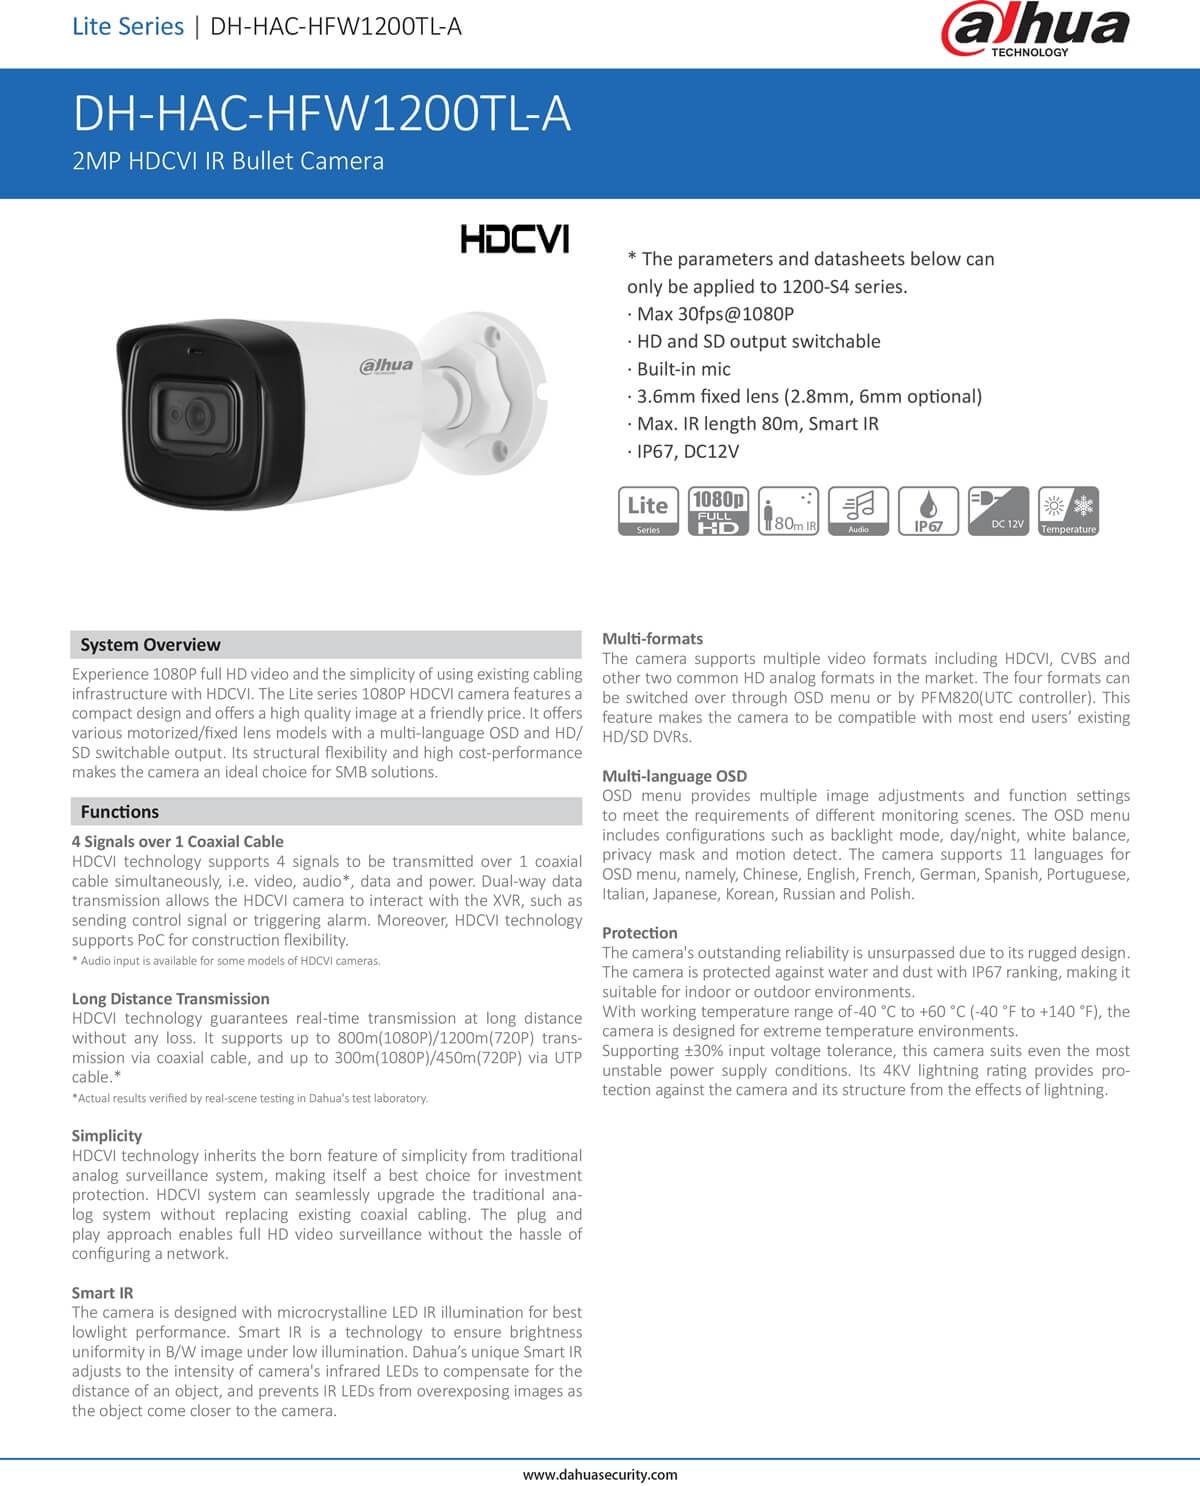 กล้องวงจรปิด CCTV DAHUA DH-HAC-HFW1200TL-A